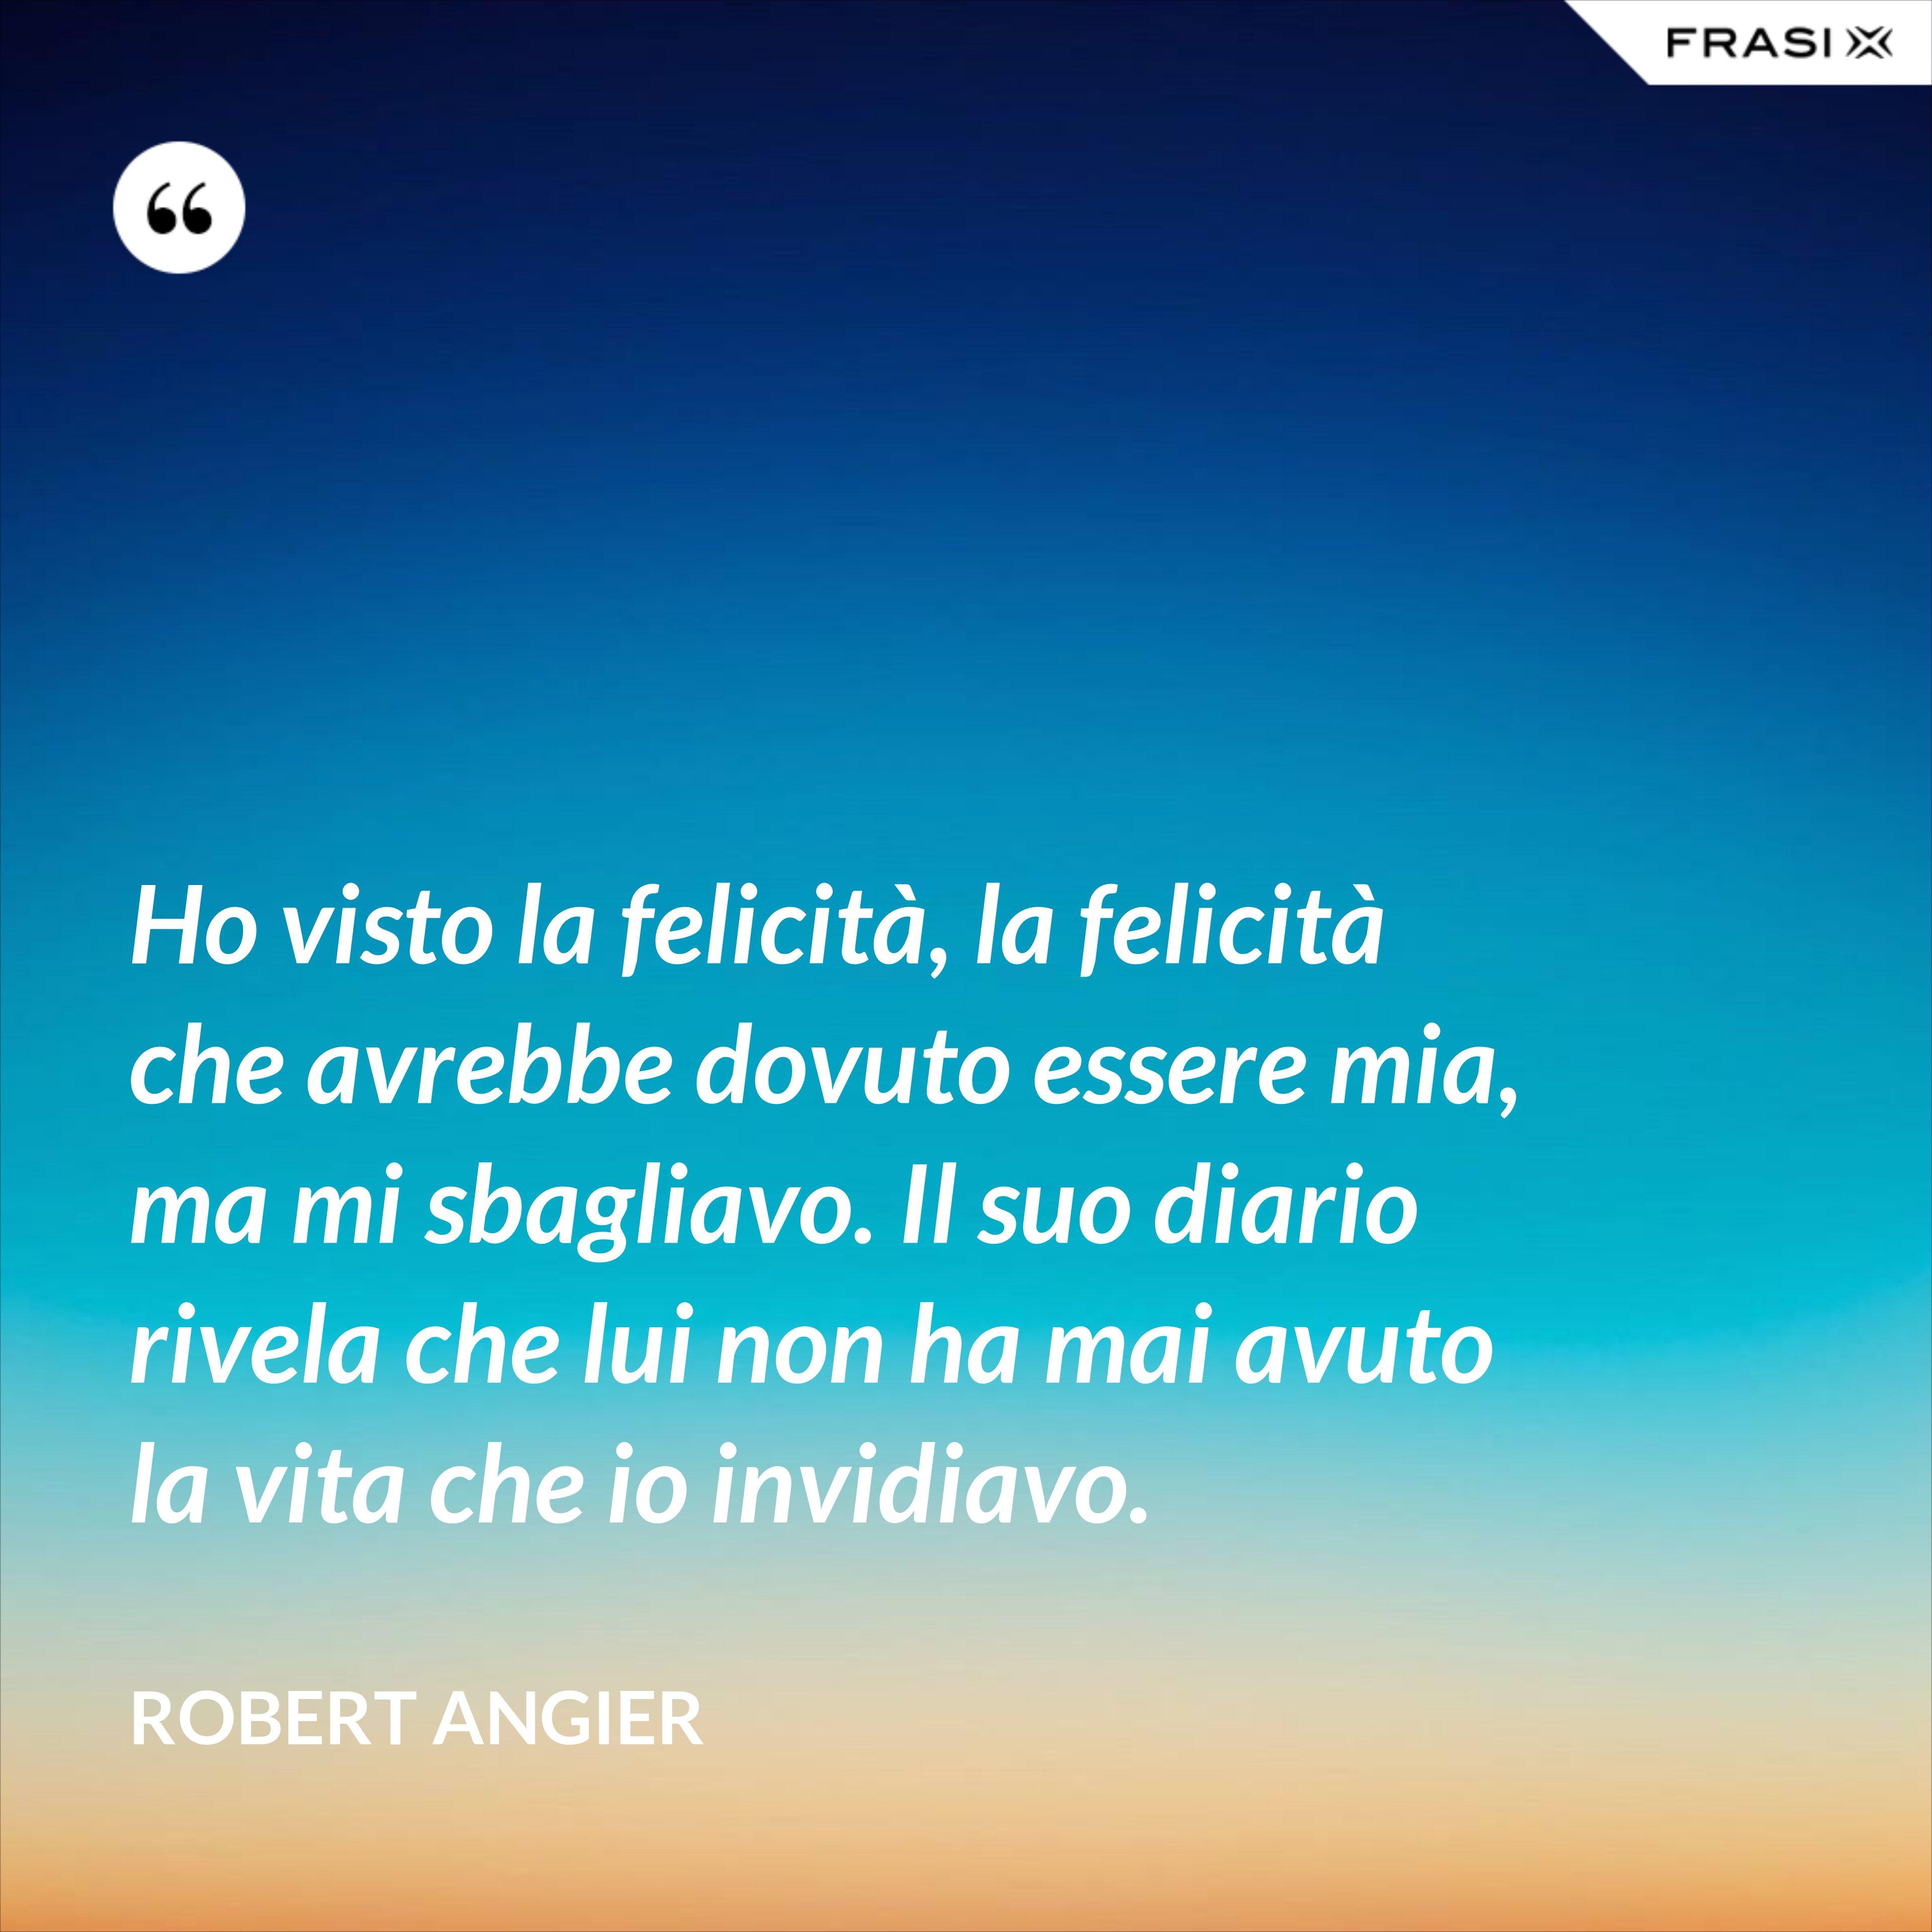 Ho visto la felicità, la felicità che avrebbe dovuto essere mia, ma mi sbagliavo. Il suo diario rivela che lui non ha mai avuto la vita che io invidiavo. - Robert Angier